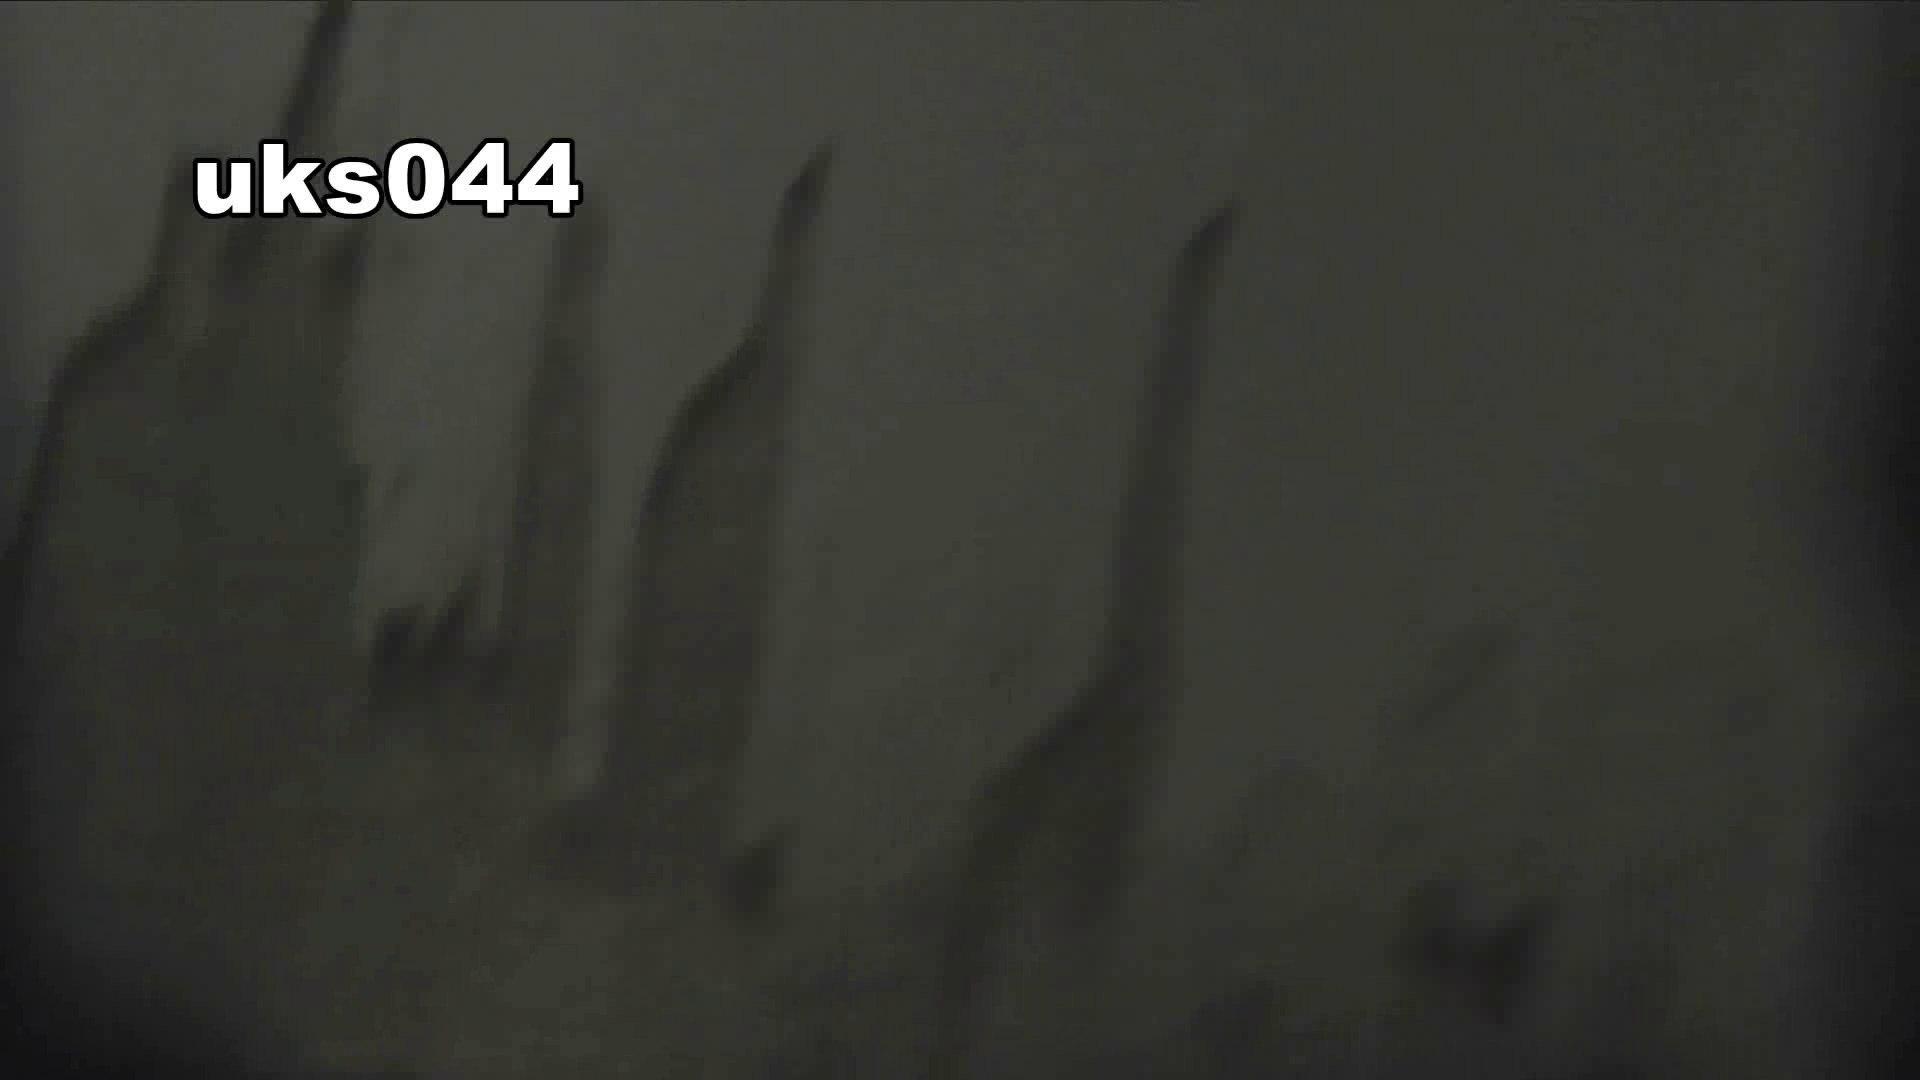 【美しき個室な世界】 vol.044 8倍くらいケツ毛バーガー 高評価  50PIX 21